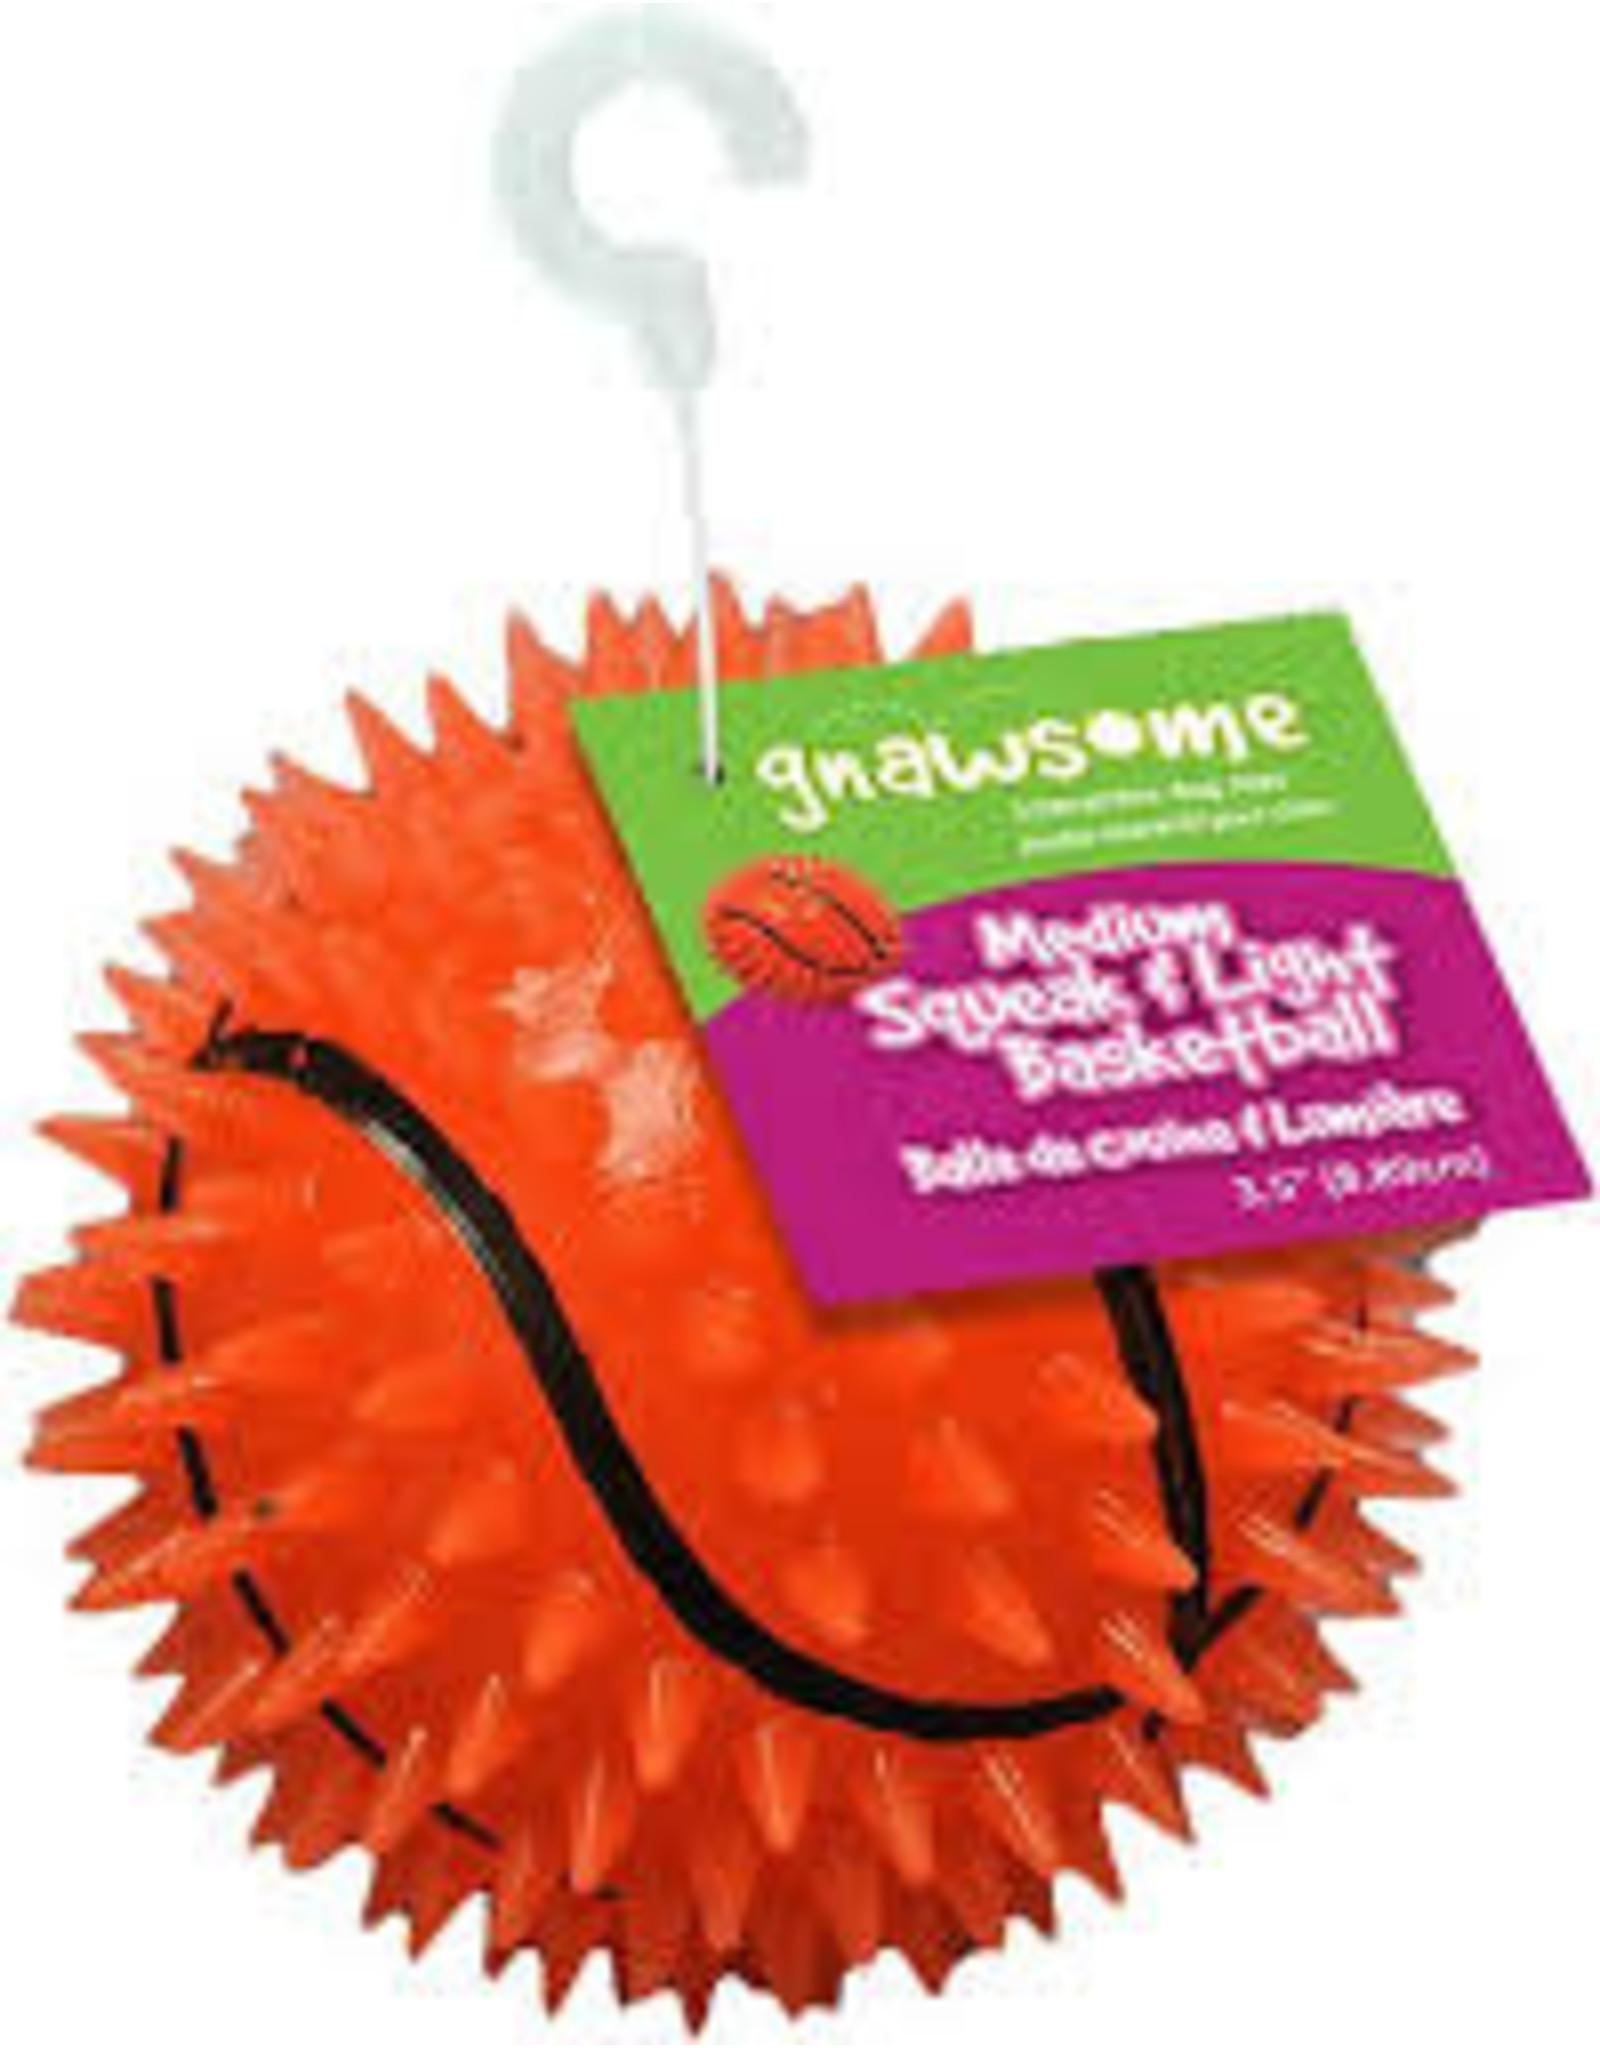 Gnawsome Gnawsome - Squeaker & Light Basketball